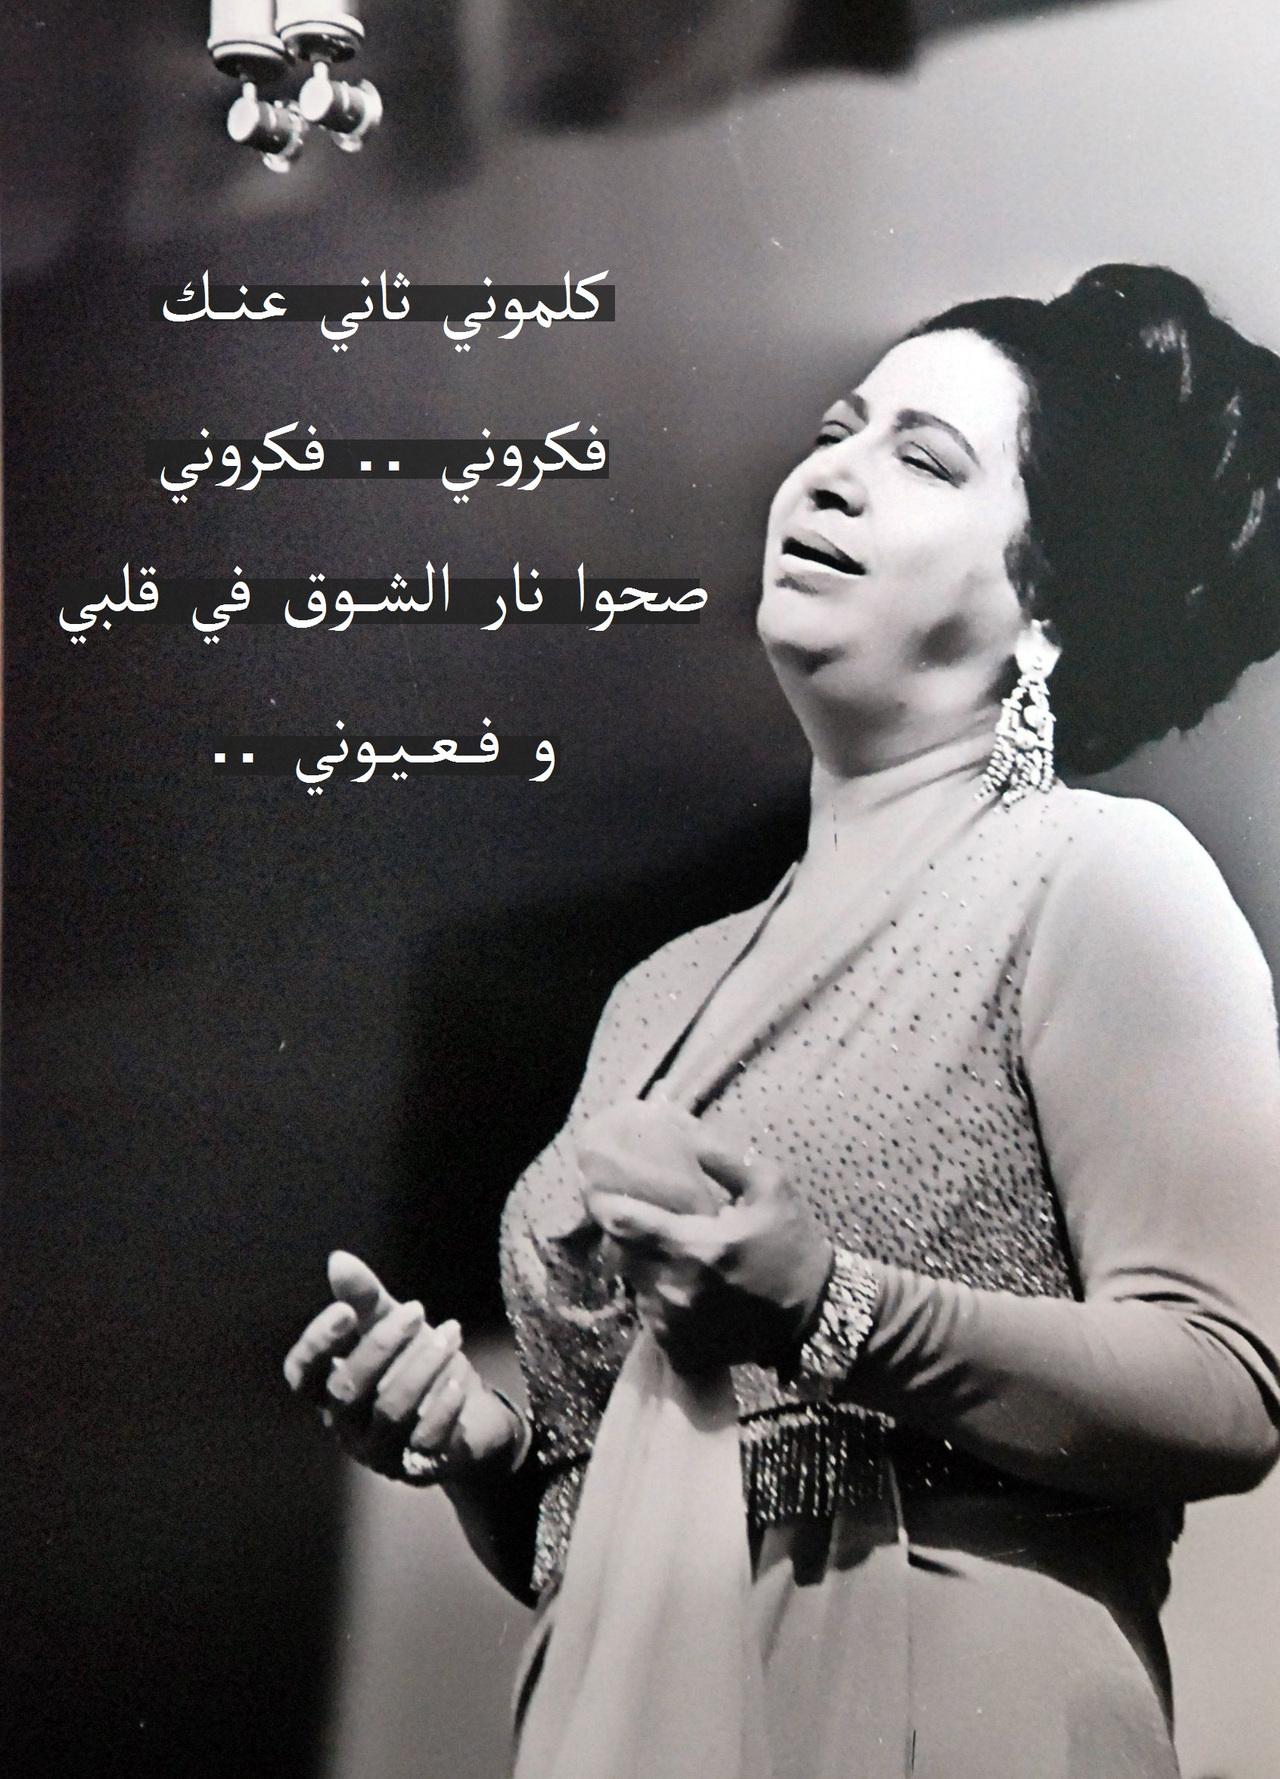 بالصور اللى راح من عمرى راح ام كلثوم 20160724 146